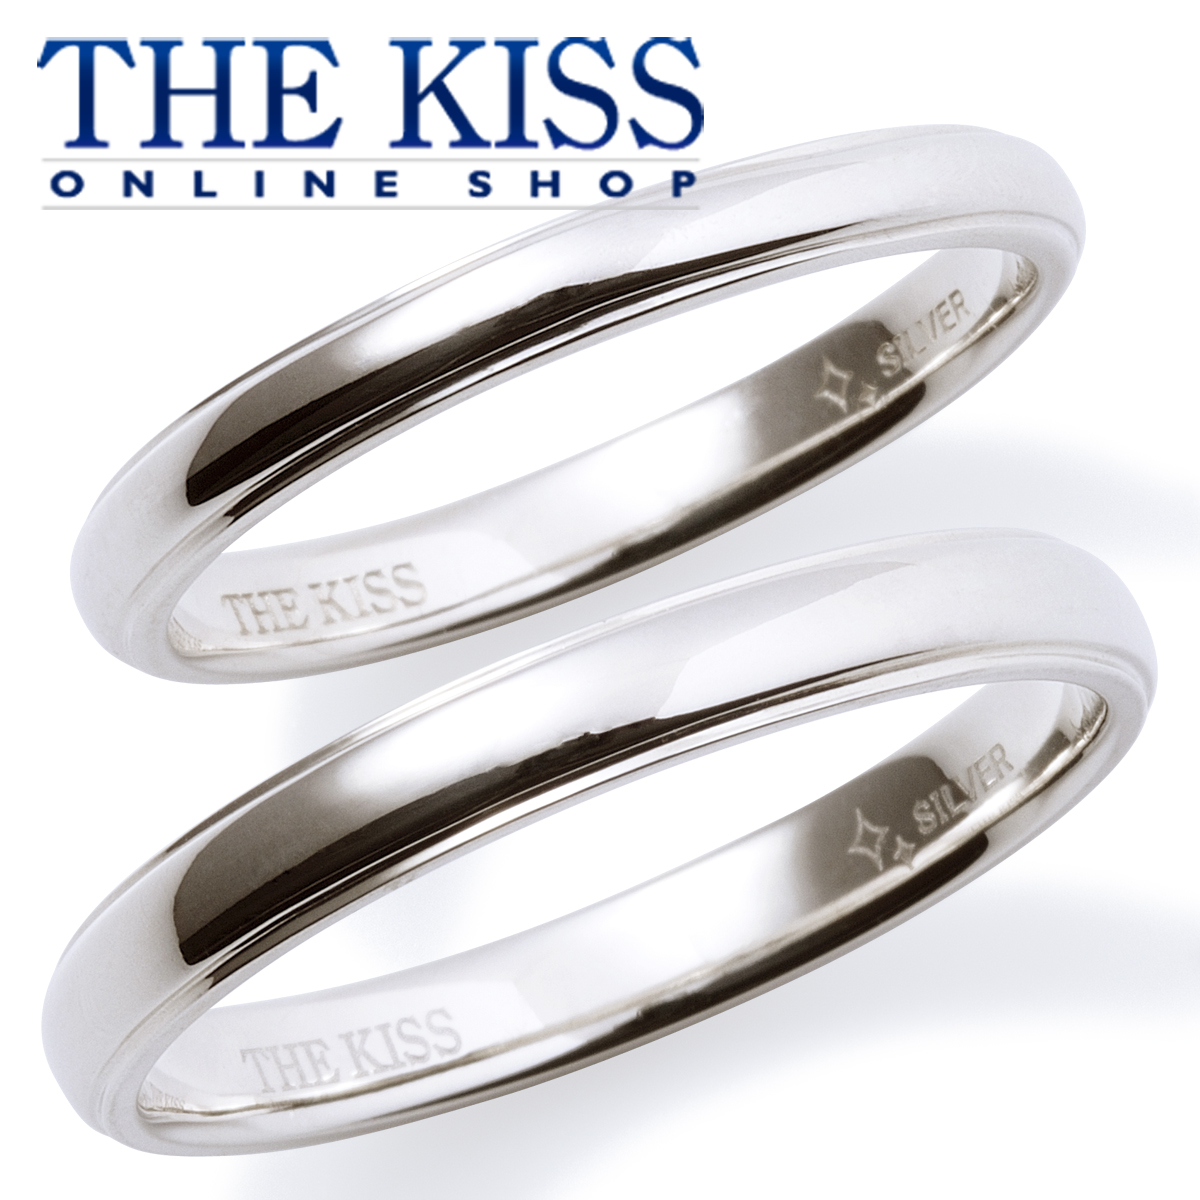 【刻印可_10文字】【あす楽対応】THE KISS 公式サイト シルバー ペアリング ペアアクセサリー カップル に 人気 の ジュエリーブランド THEKISS ペア リング・指輪 記念日 プレゼント PSR800-801 セット シンプル ザキス 【送料無料】